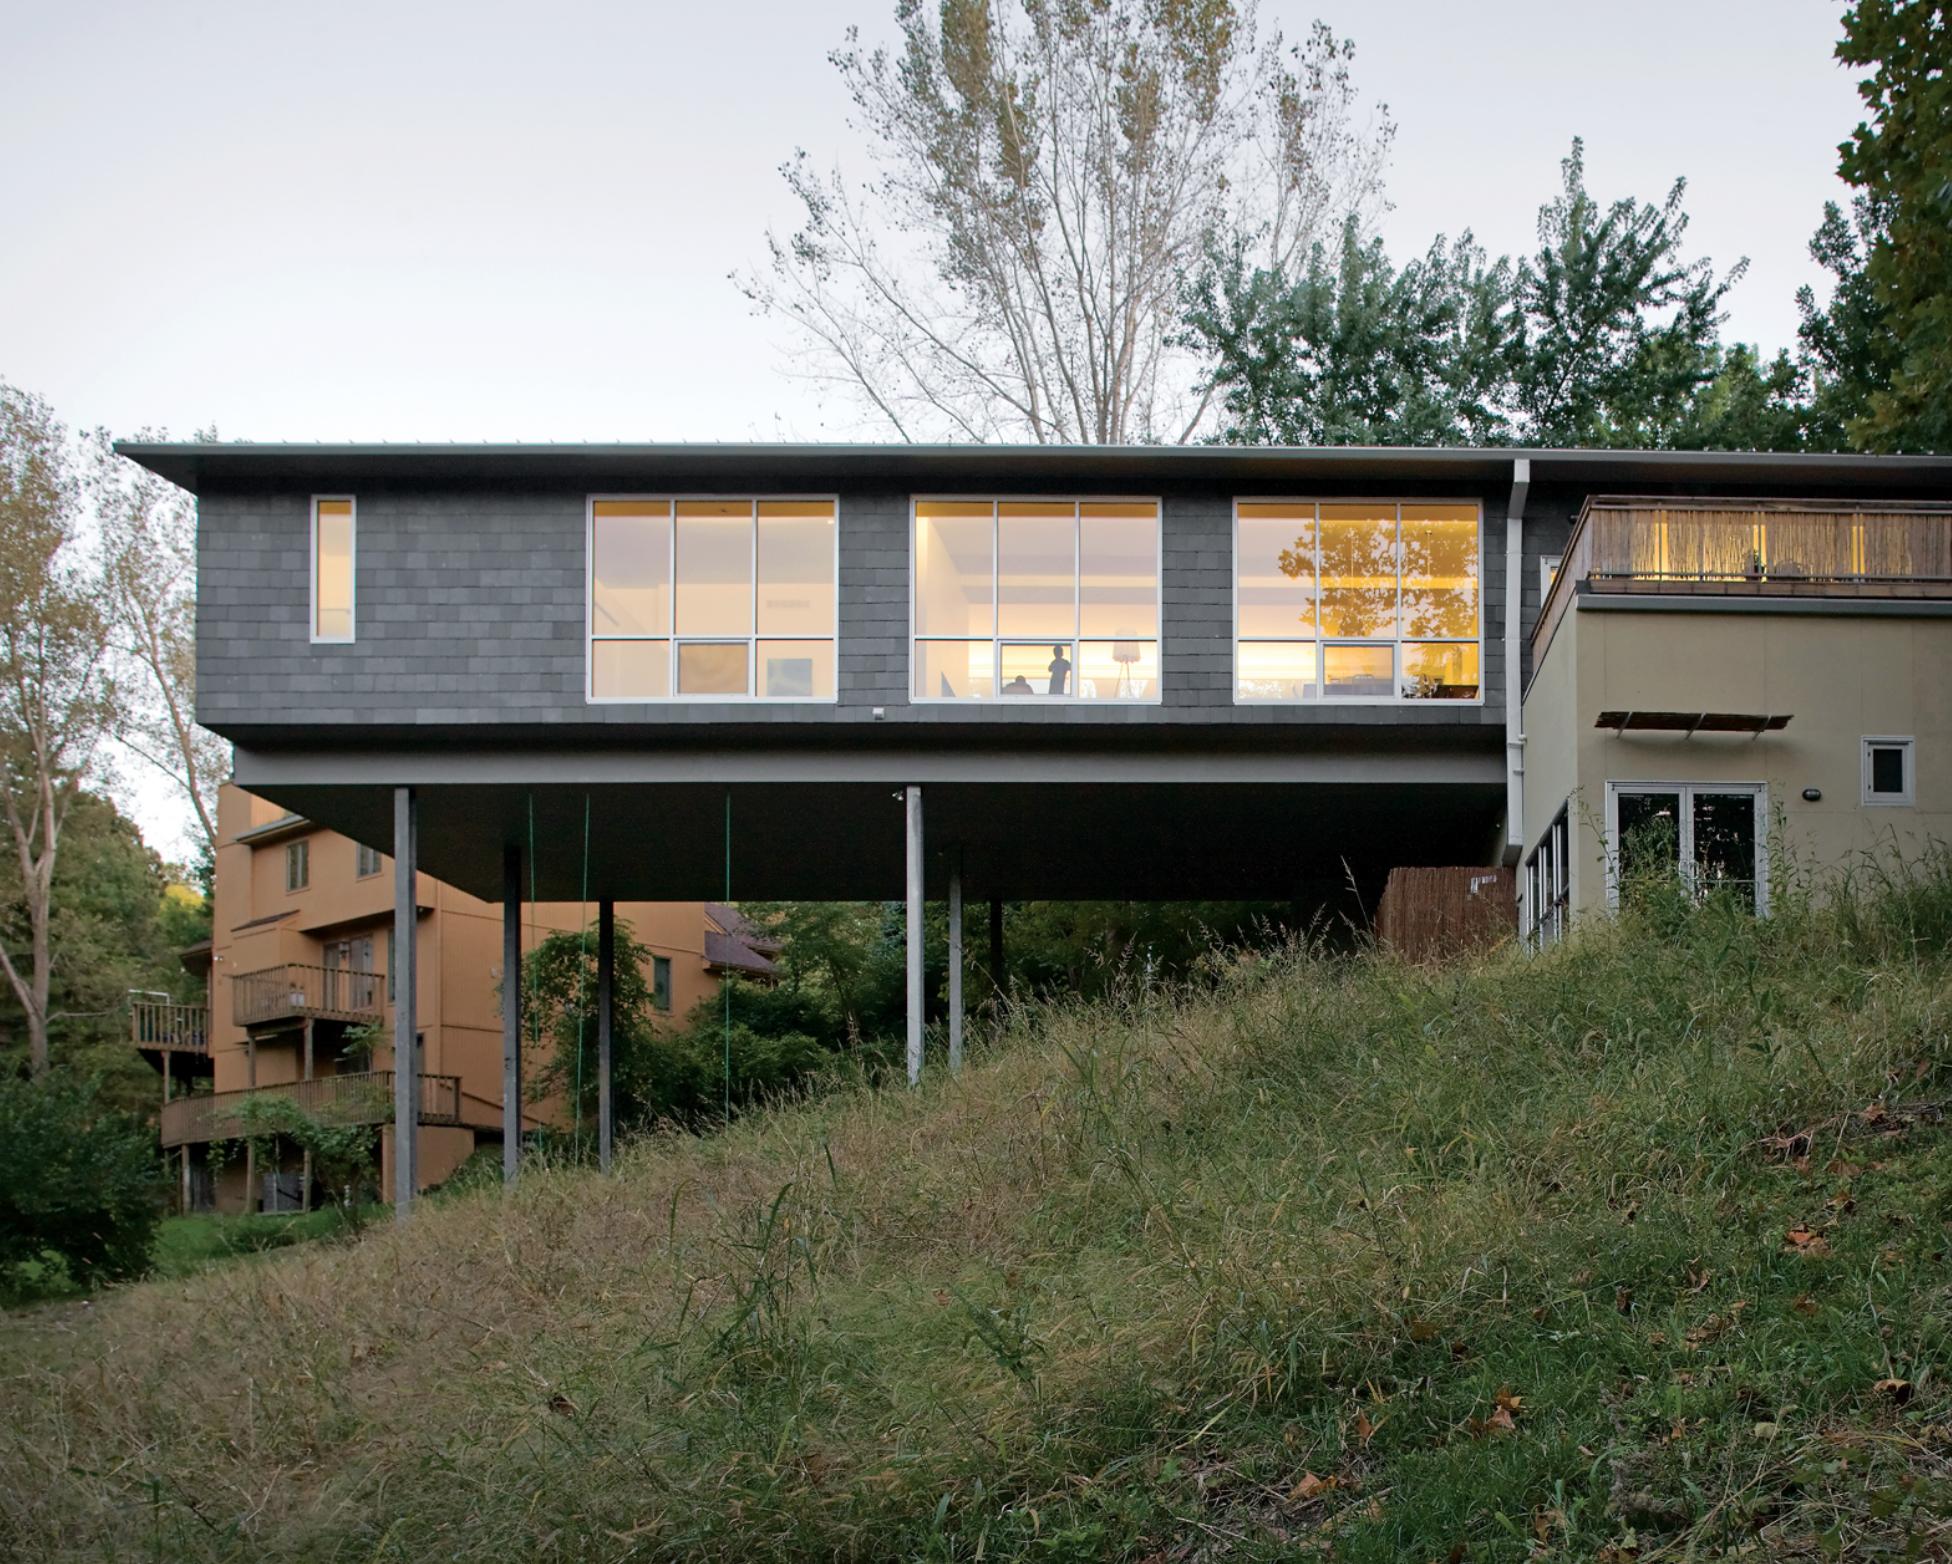 Hiša na hribu, vir: Dezeen